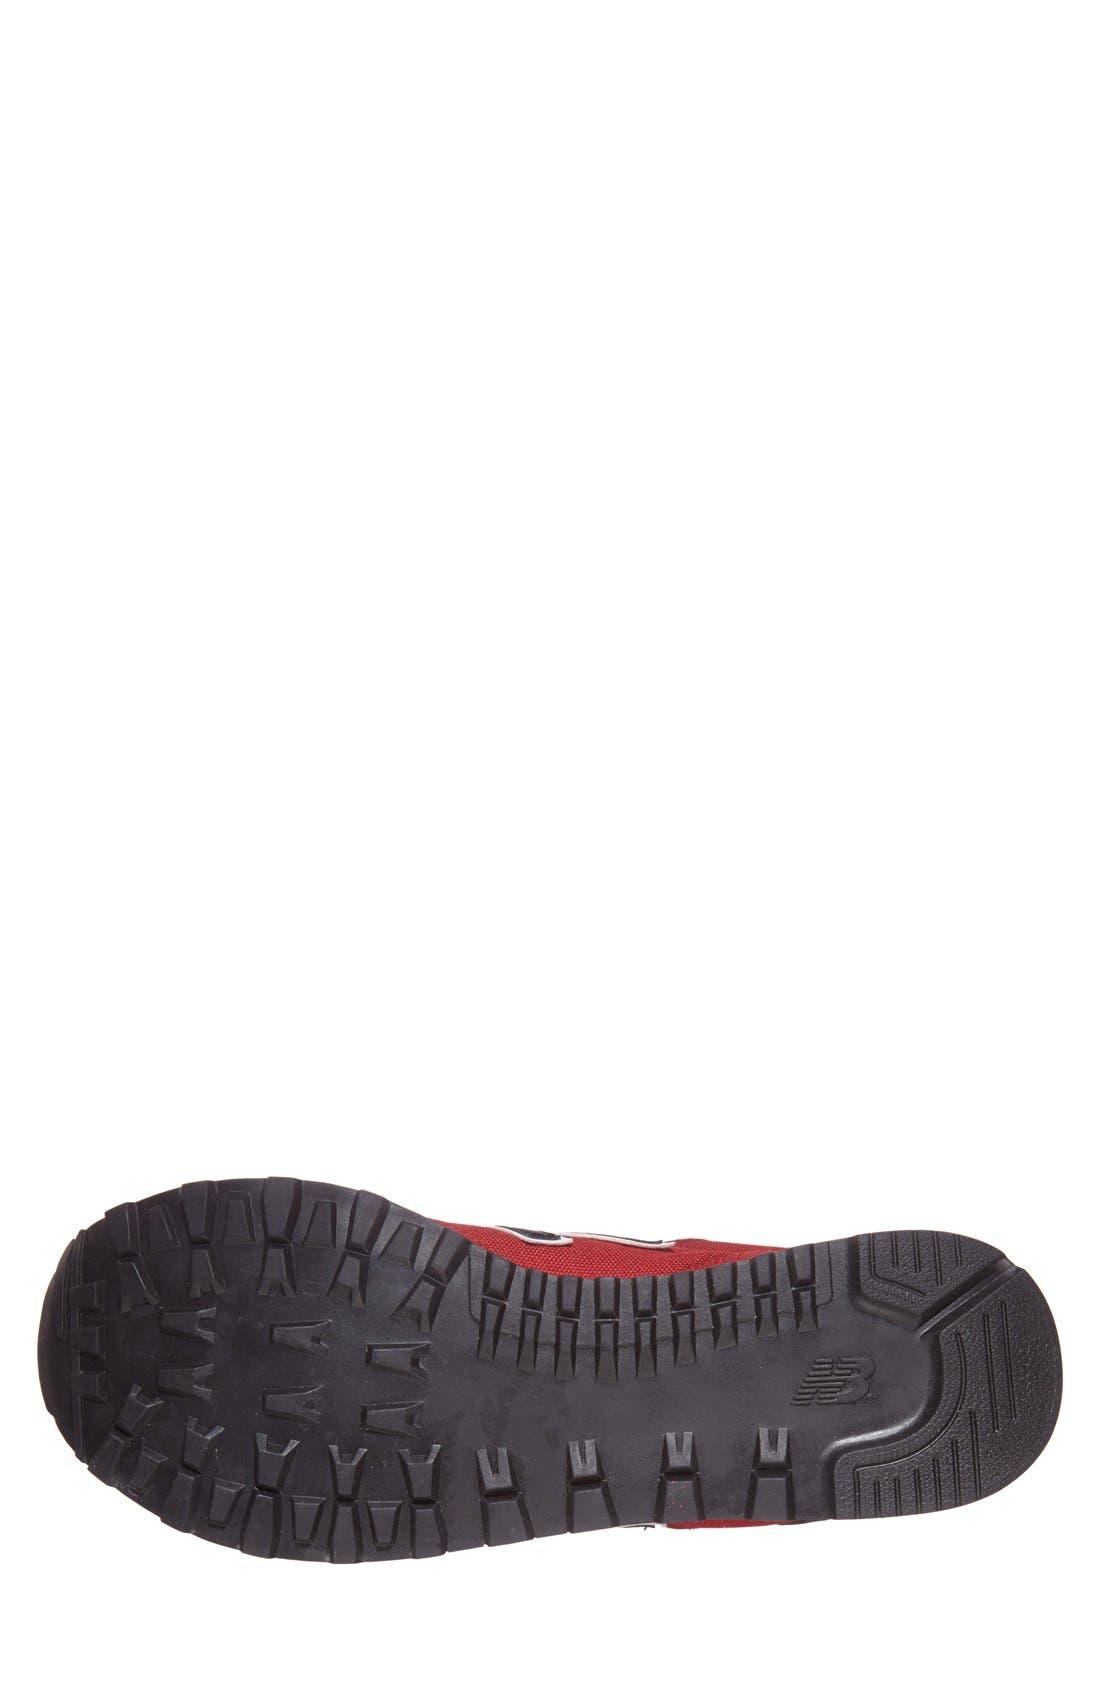 Alternate Image 4  - New Balance 'Piqué Polo Collection - 515' Sneaker (Men)